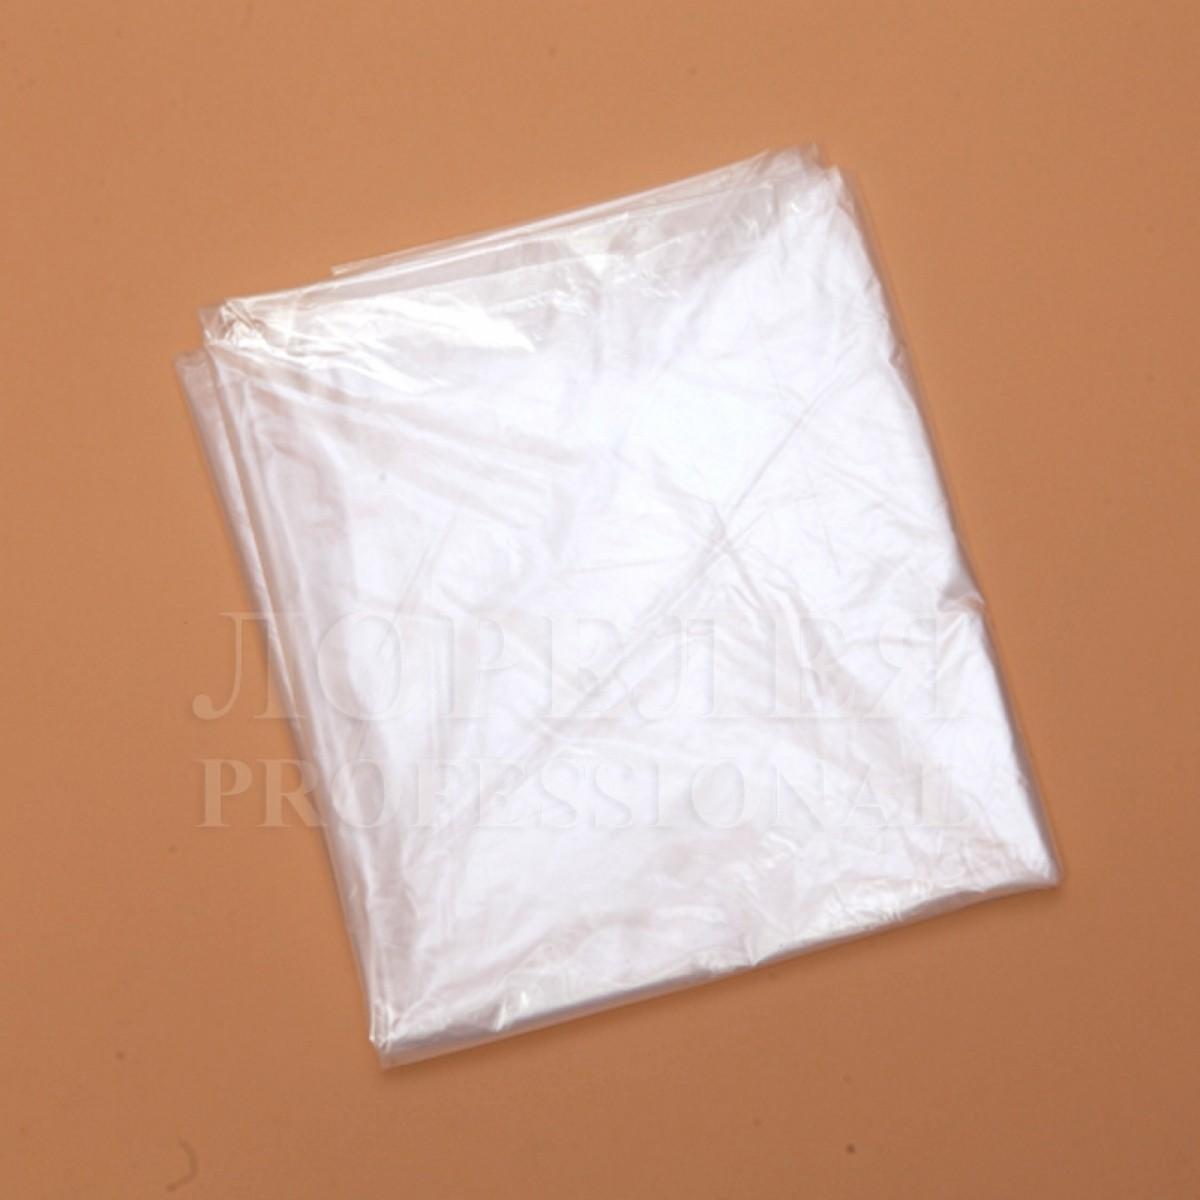 Пакет на педикюрную ванну. Эконом (100 шт)